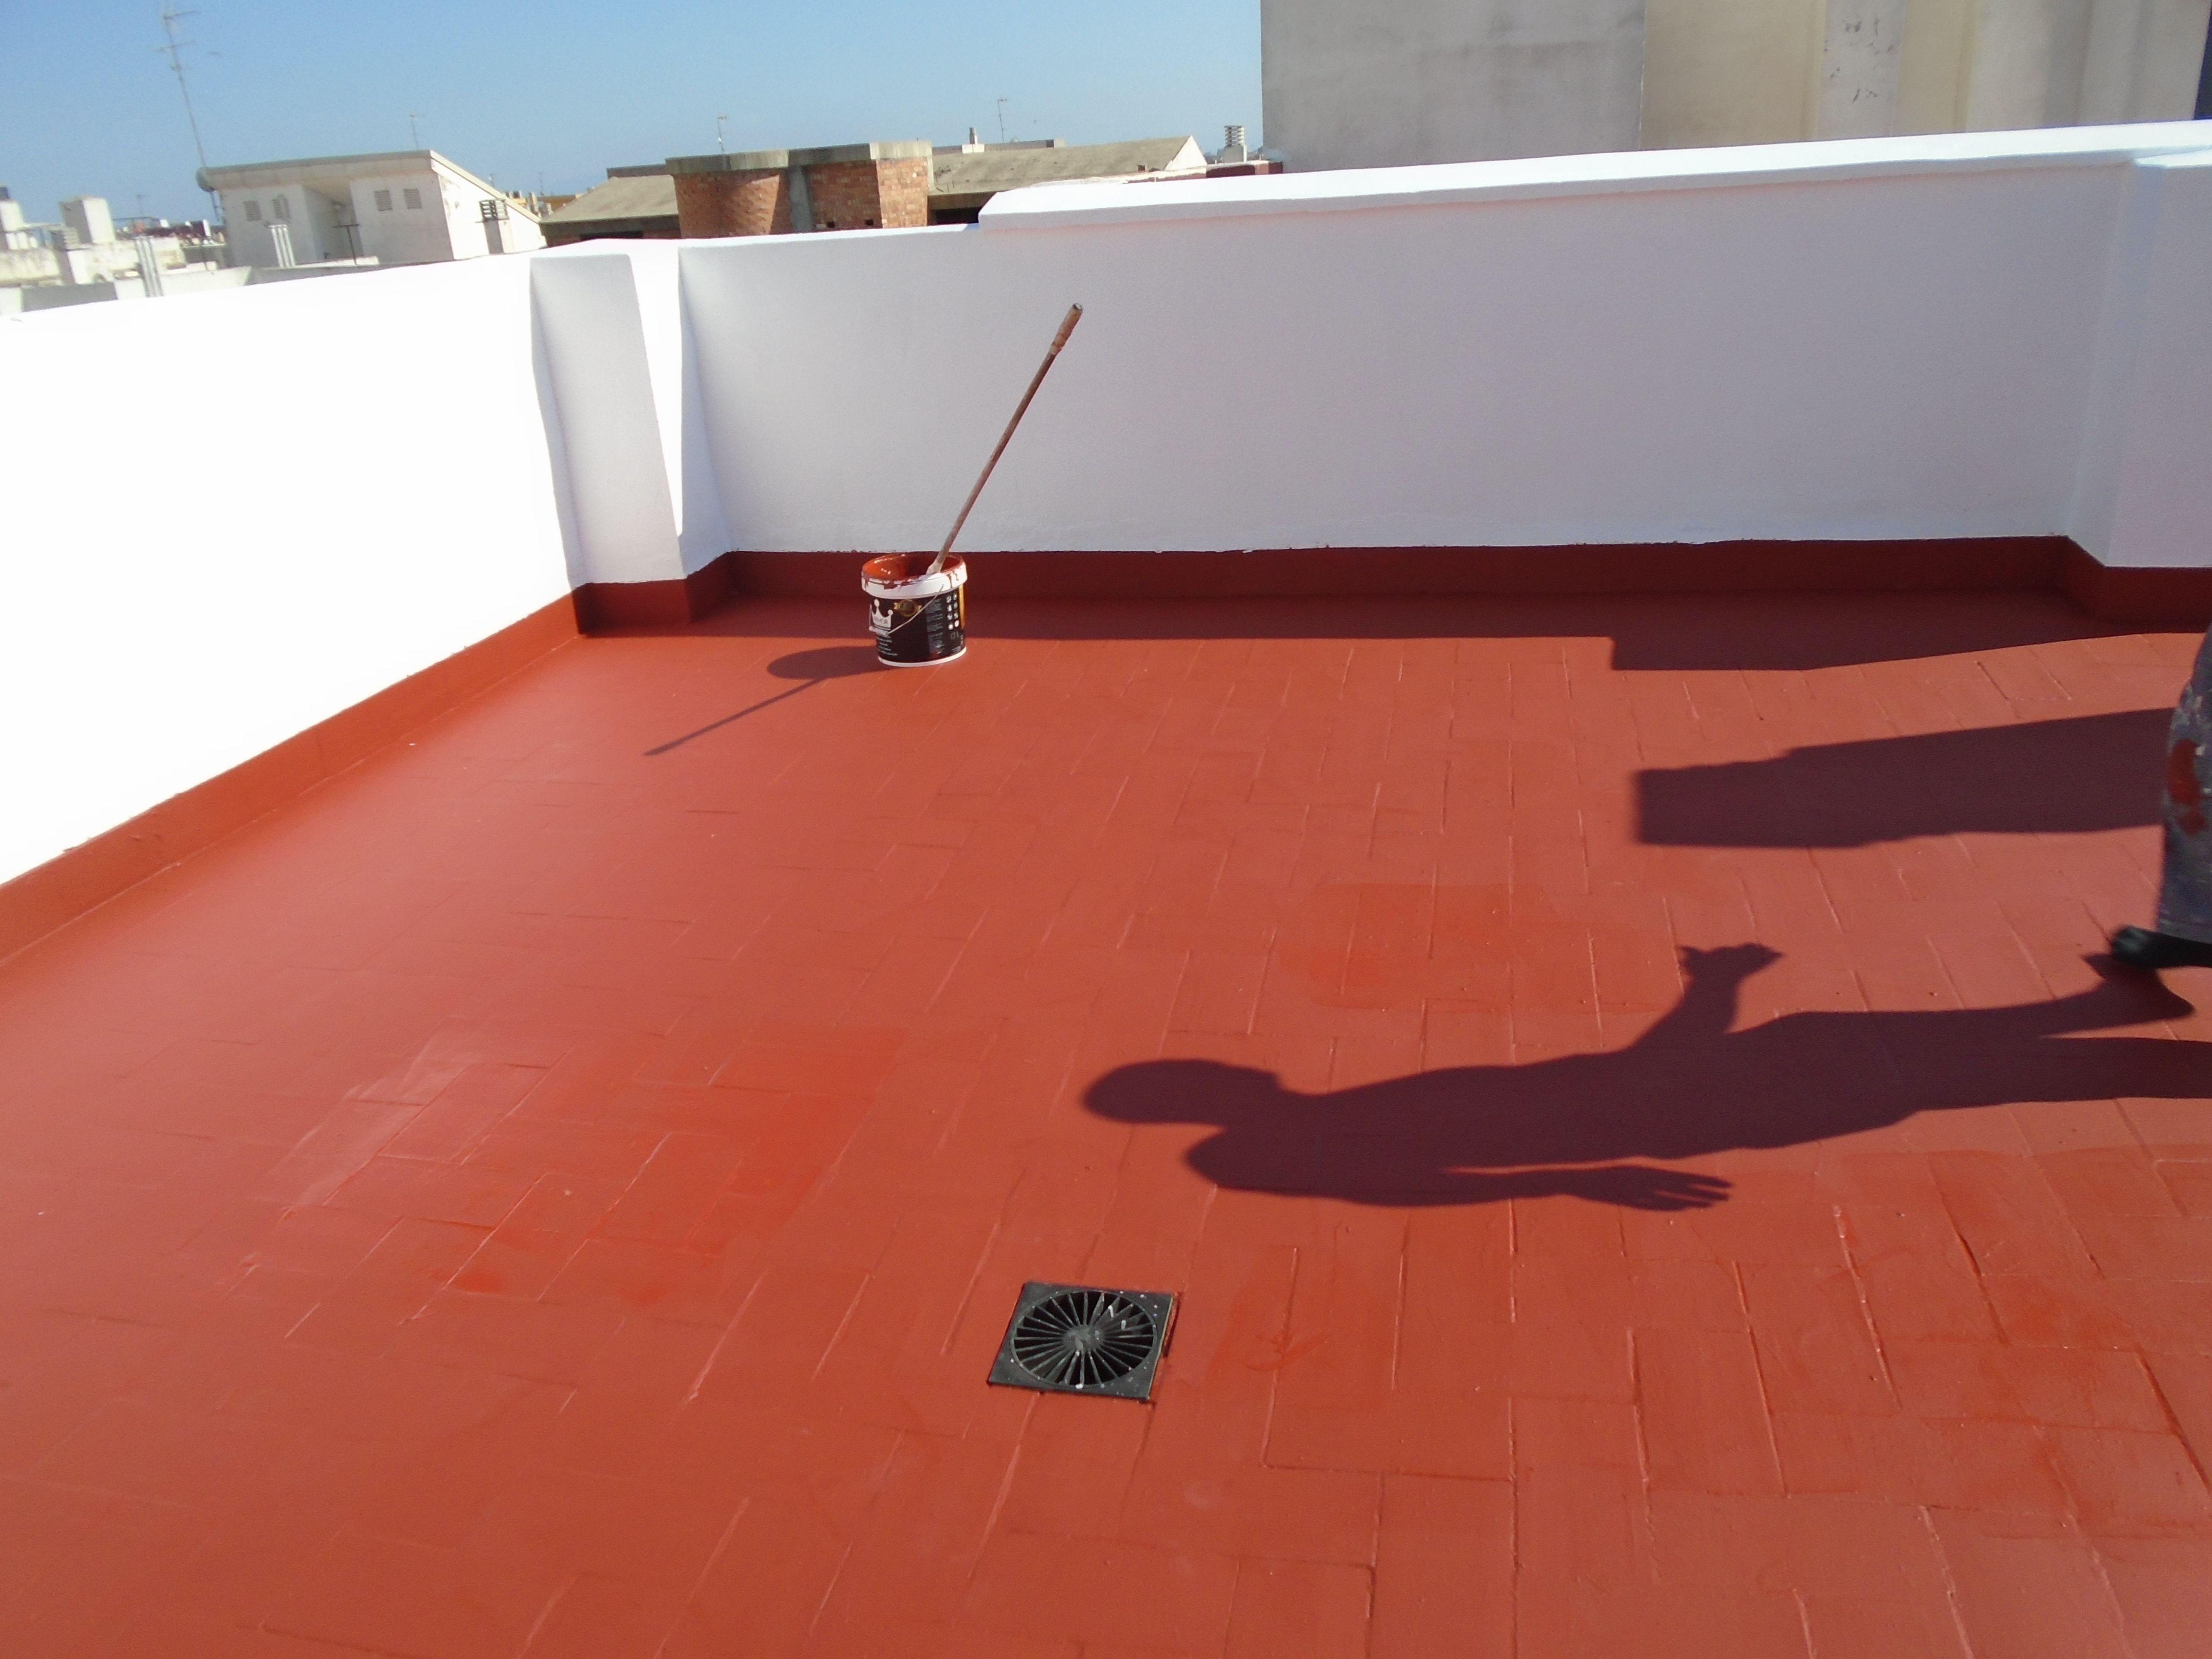 Impermeabilizacion De Terrazas En Valencia Mediante Trabajos Verticales Www Solvertvalenci En 2020 Impermeabilizante Para Techos Impermeabilizacion De Techos Terrazas